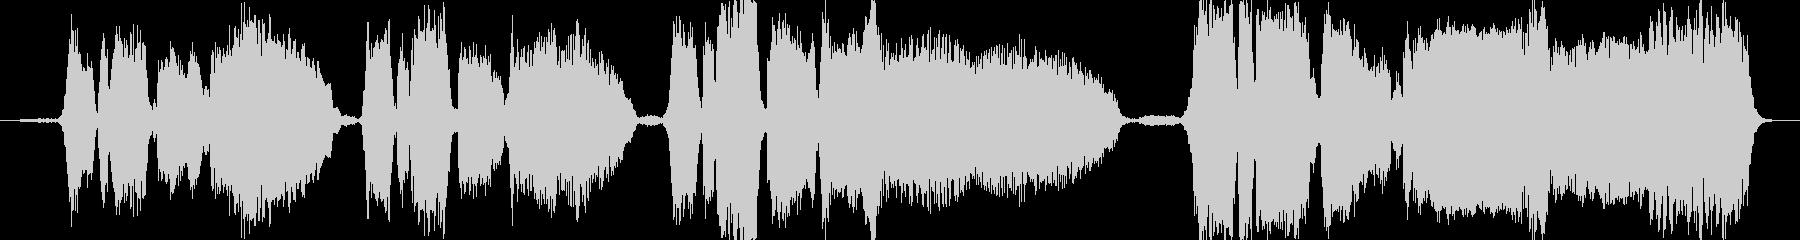 バースデーソングを生の4声アカペラでの未再生の波形